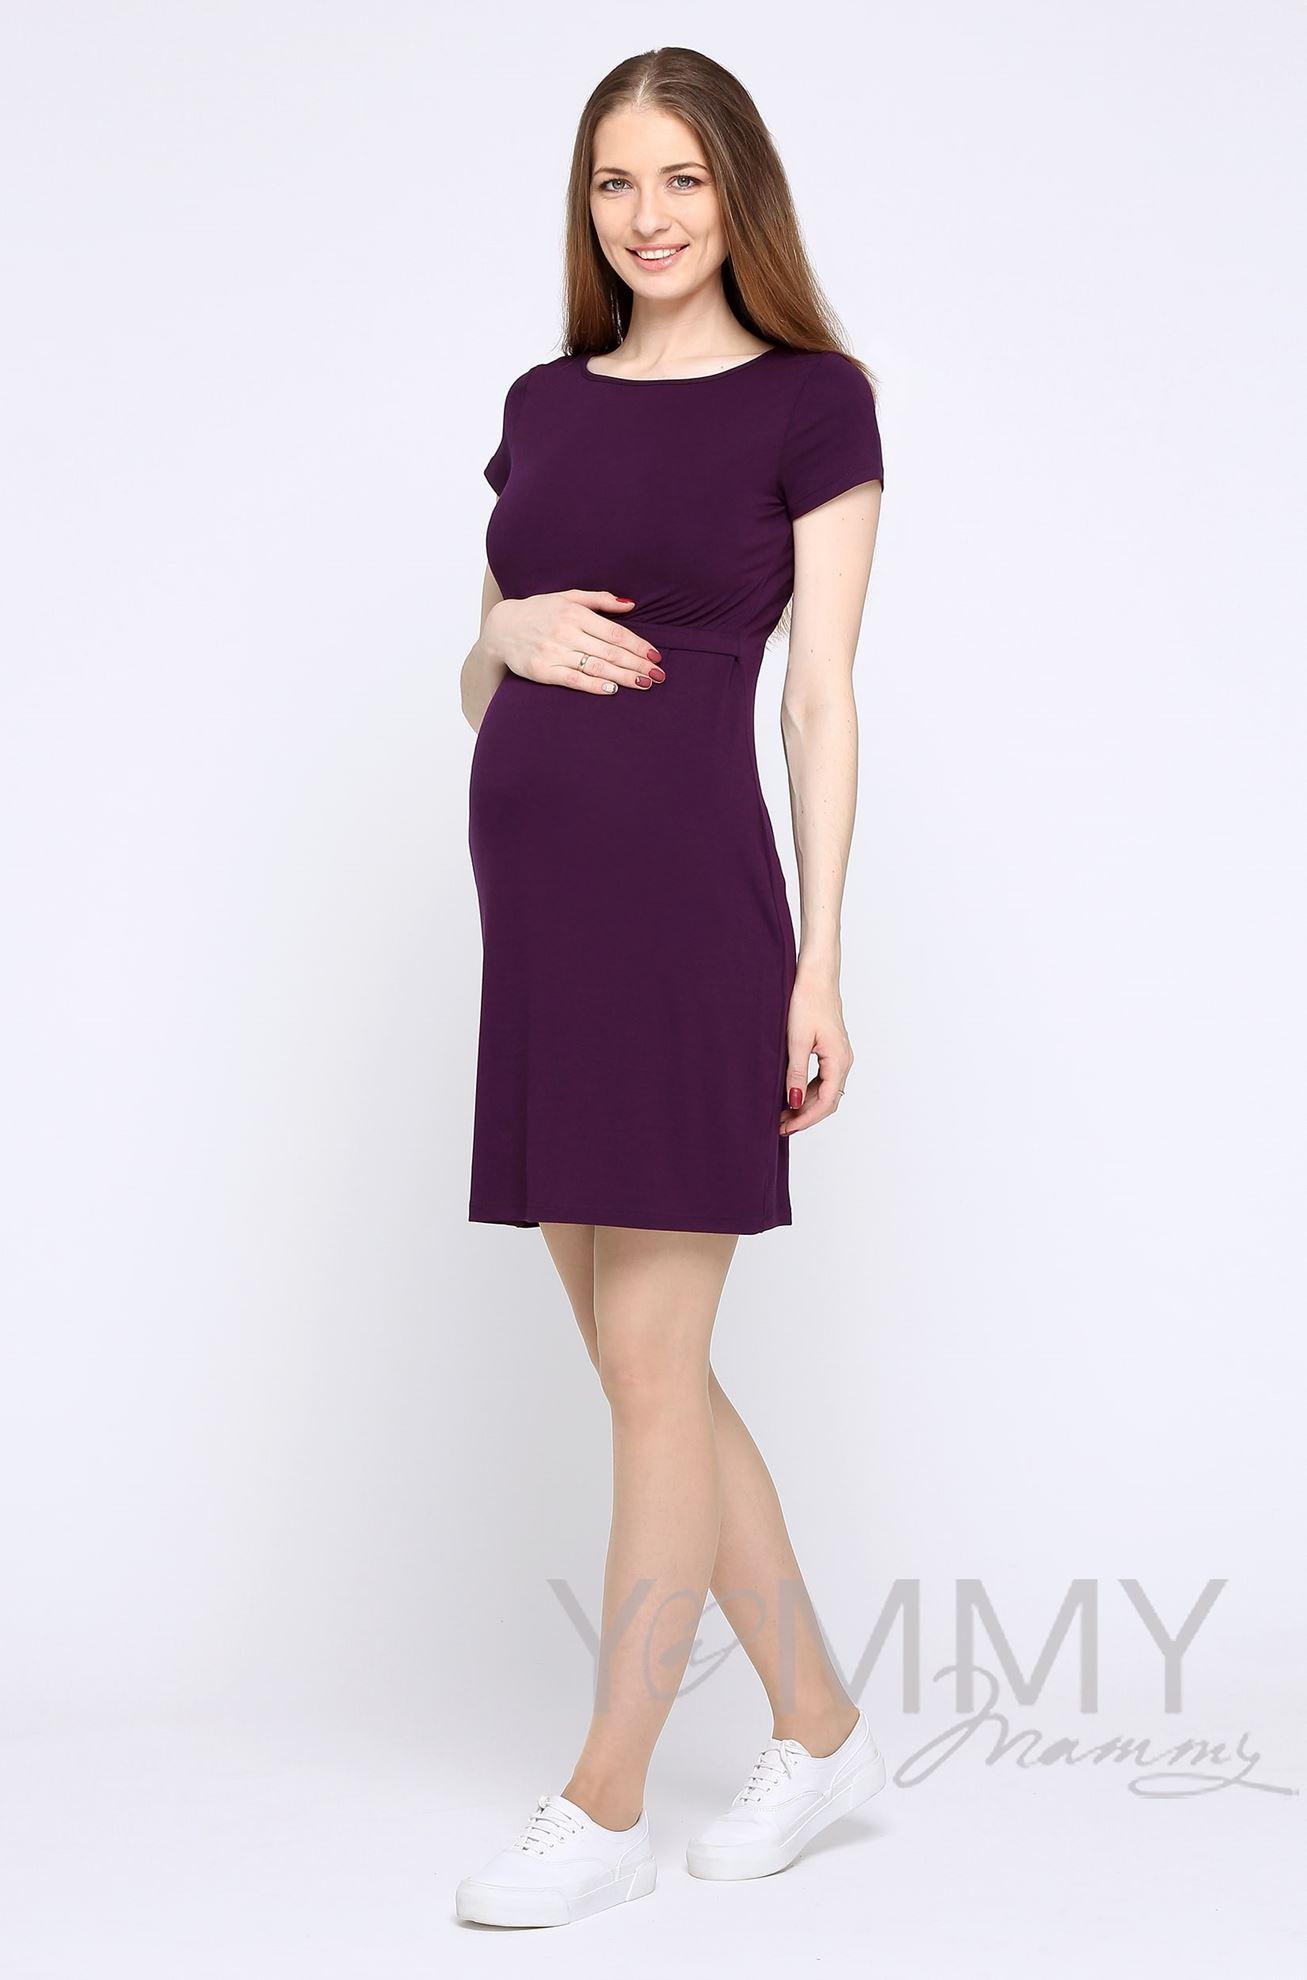 Изображение                               Платье темно-лиловое из вискозы